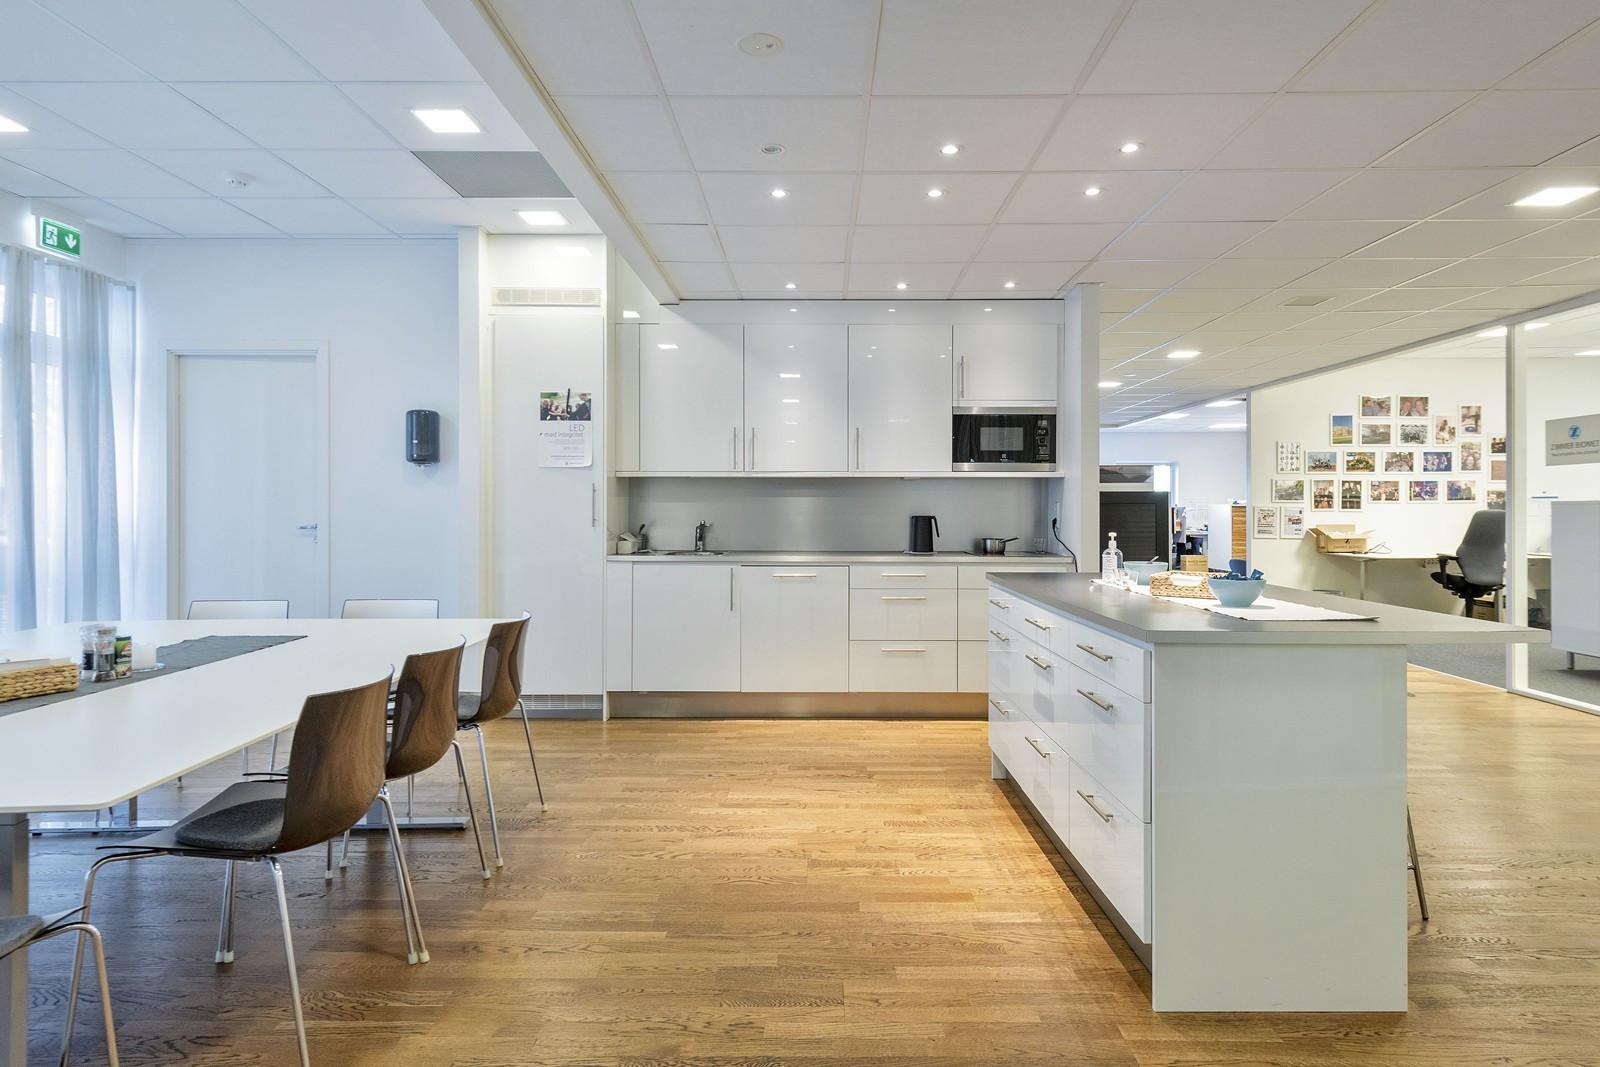 Innholdsrikt kjøkken med kjøleskap, koketopp, mikroovn og oppvaskmaskin